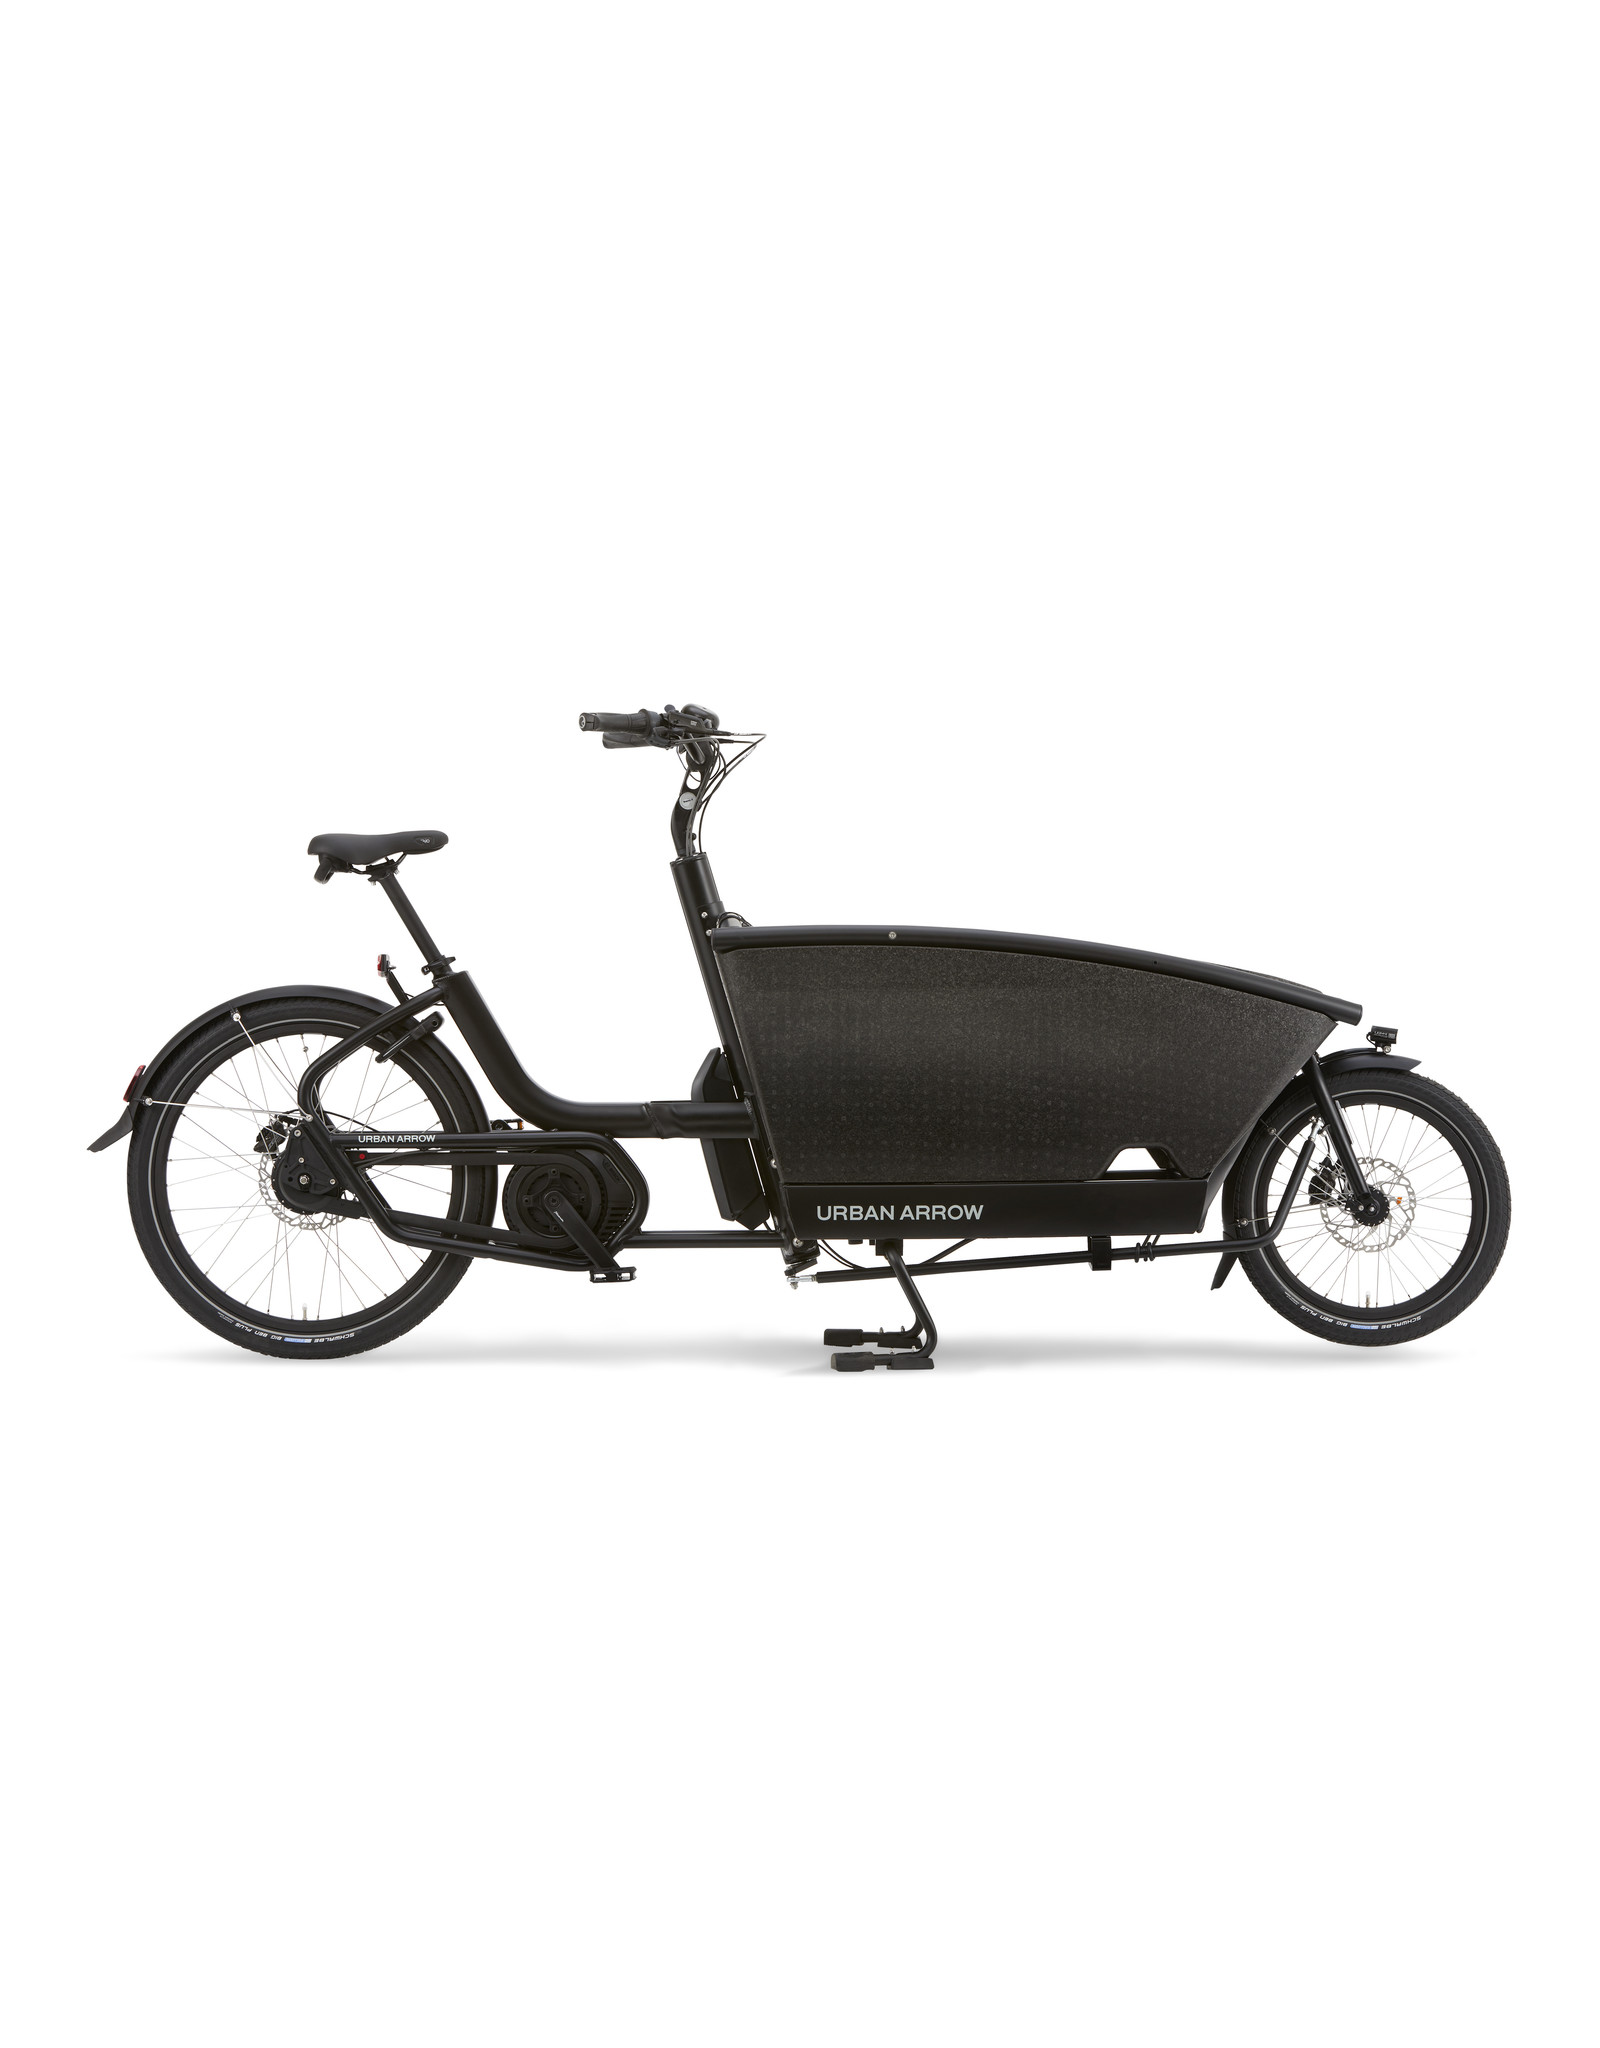 Urban Arrow Urban Arrow FAMILY - Bosch Cargo Line white electric cargo bike